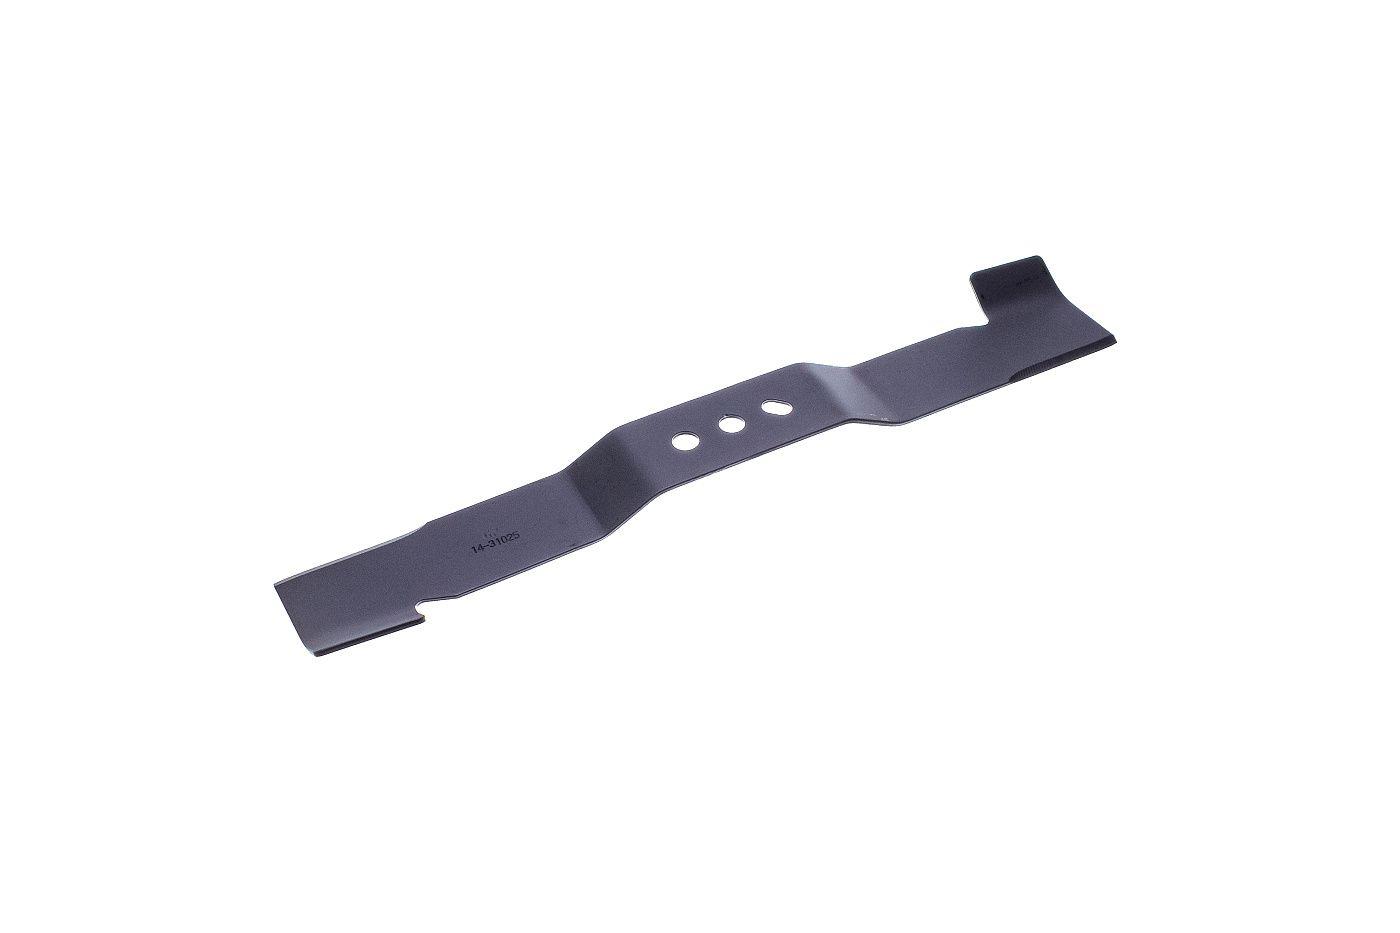 Nôž motorových kosačiek 53cm NAC so zberom - S530-057